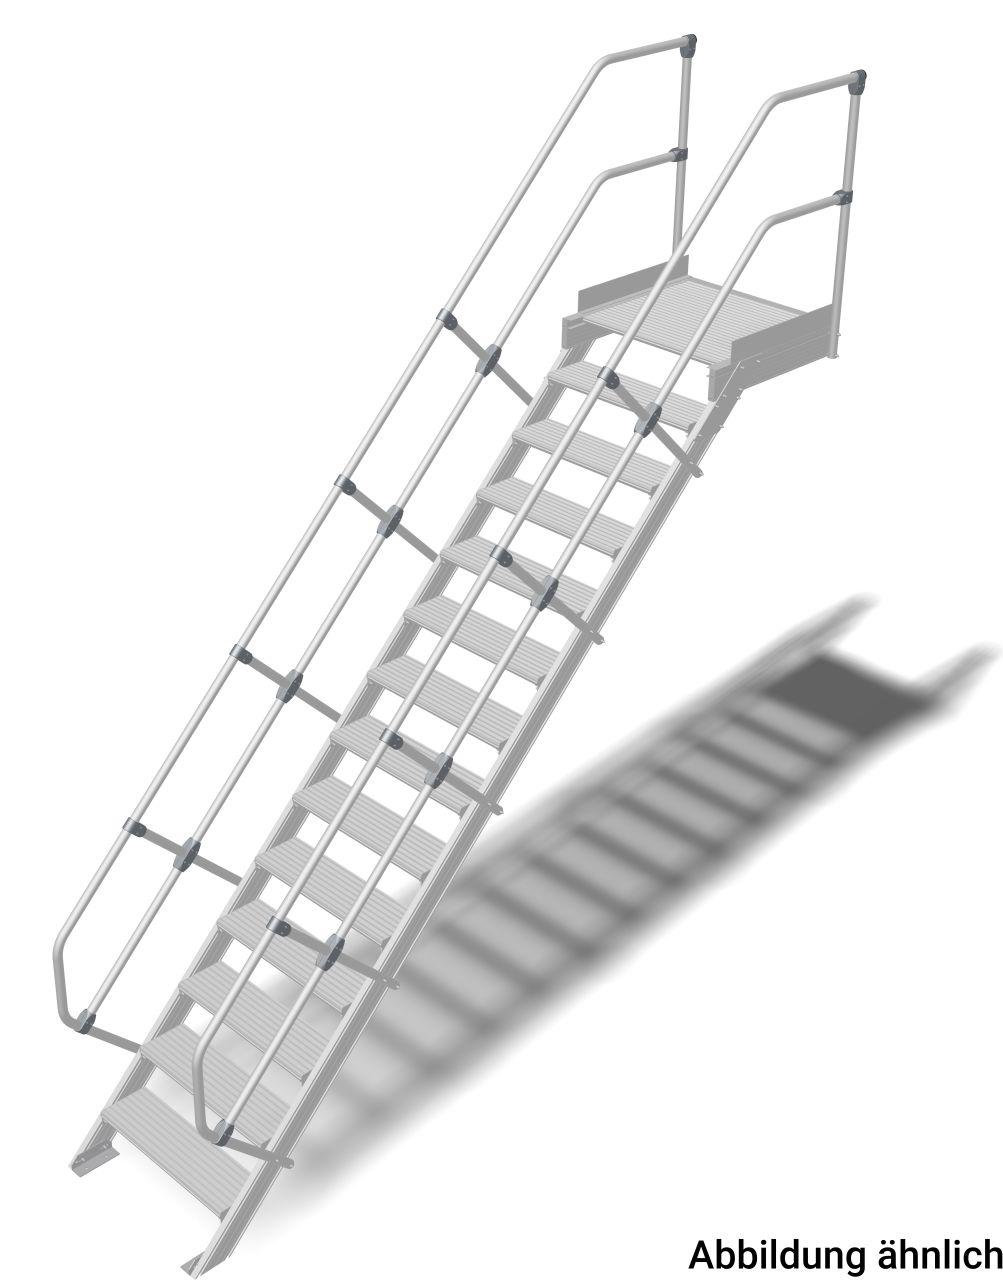 Трап с платформой алюминиевый. Наклон 45°. Ширина ступеней 1000 мм. Прочный алюминиевый трап, обеспечивающий безопасный доступ к дверям, площадкам и т. д. в соответствии с DIN EN ISO 14122.